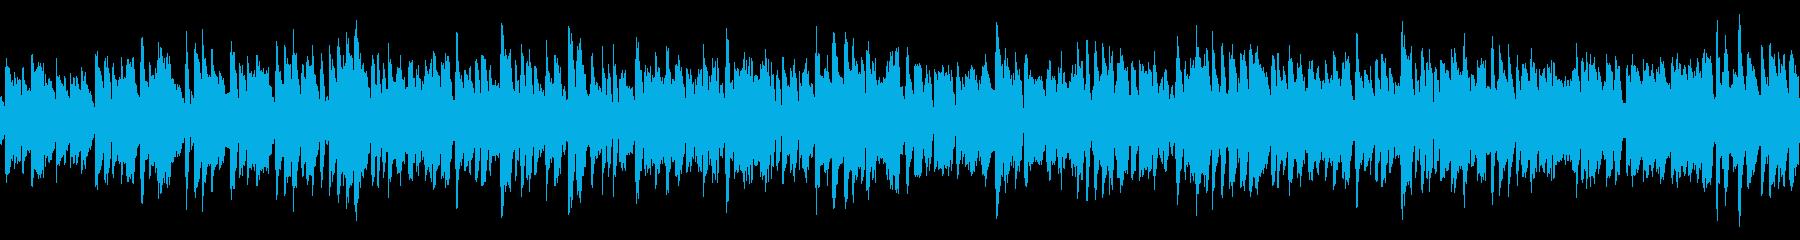 ポップなコメディー向きBGM(ループ)の再生済みの波形